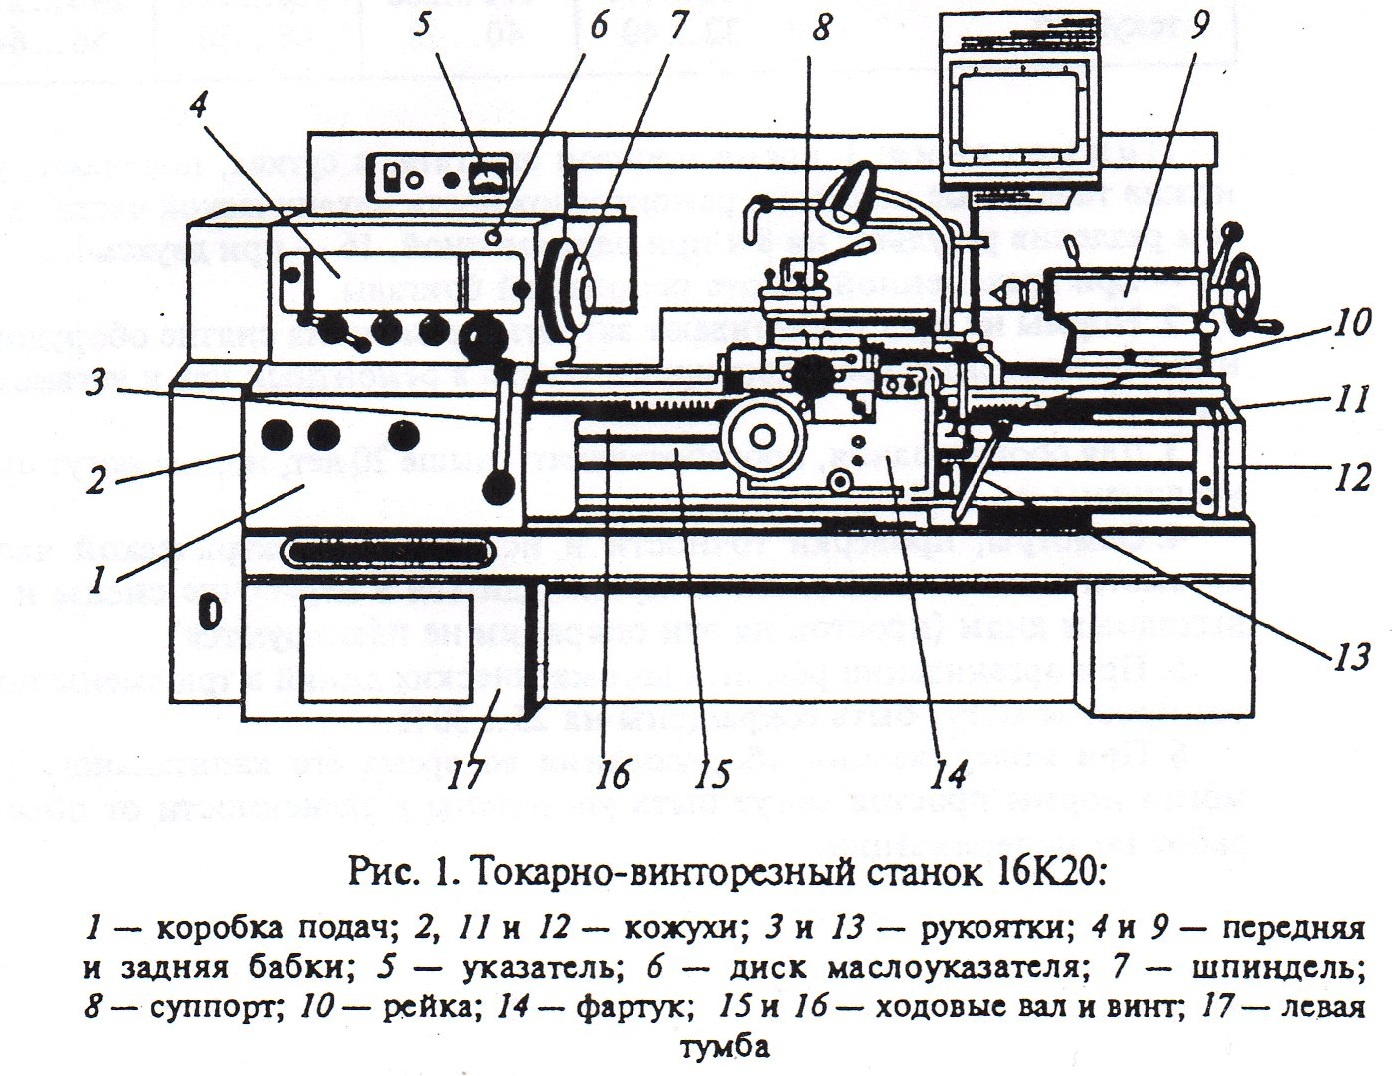 Токарный станок схема и описание